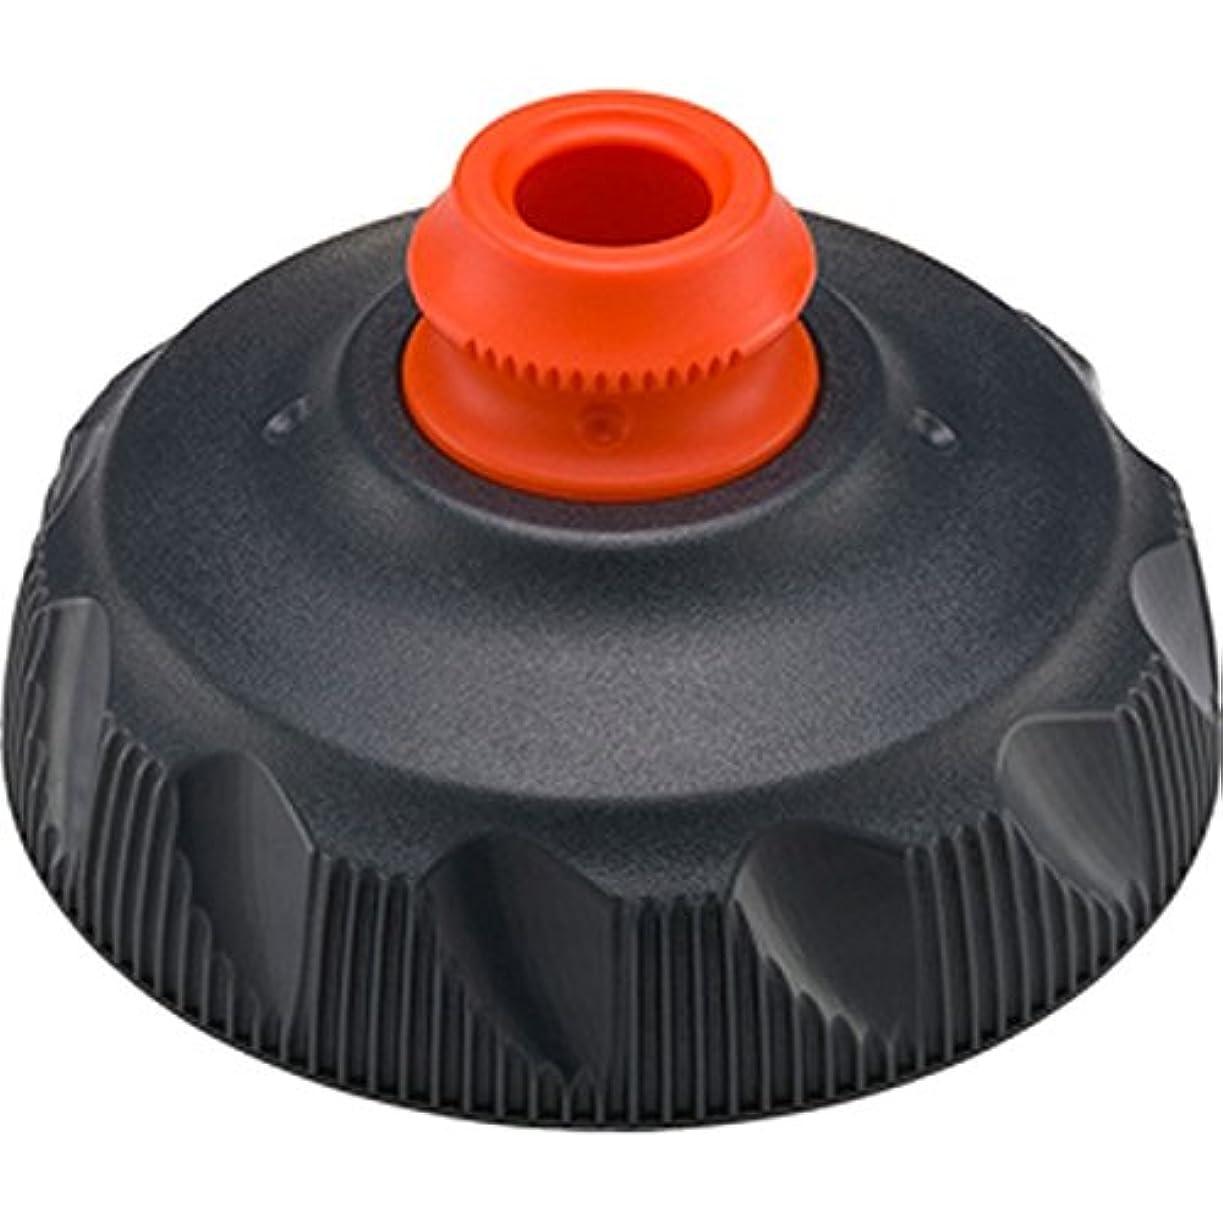 スキャン才能のある煙突(POLAR BOTTLE/ポーラーボトル)ジップストリーム 交換用キャップ チャコール